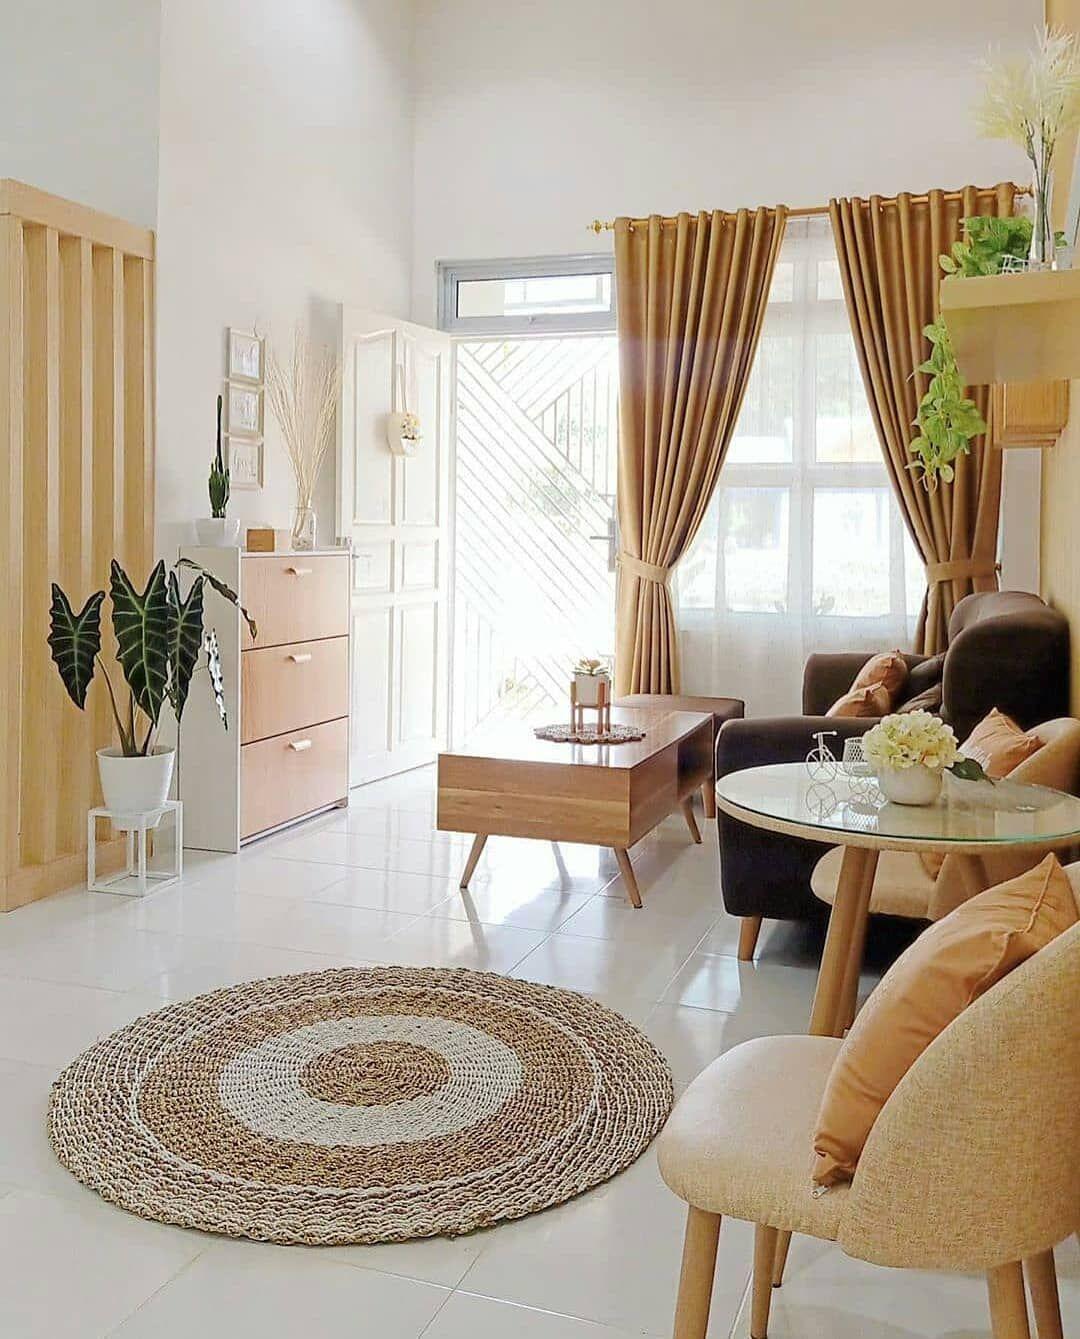 10 Desain Ruang Tamu Minimalis Cantik Dan Instagramable Model ruang tamu minimalis